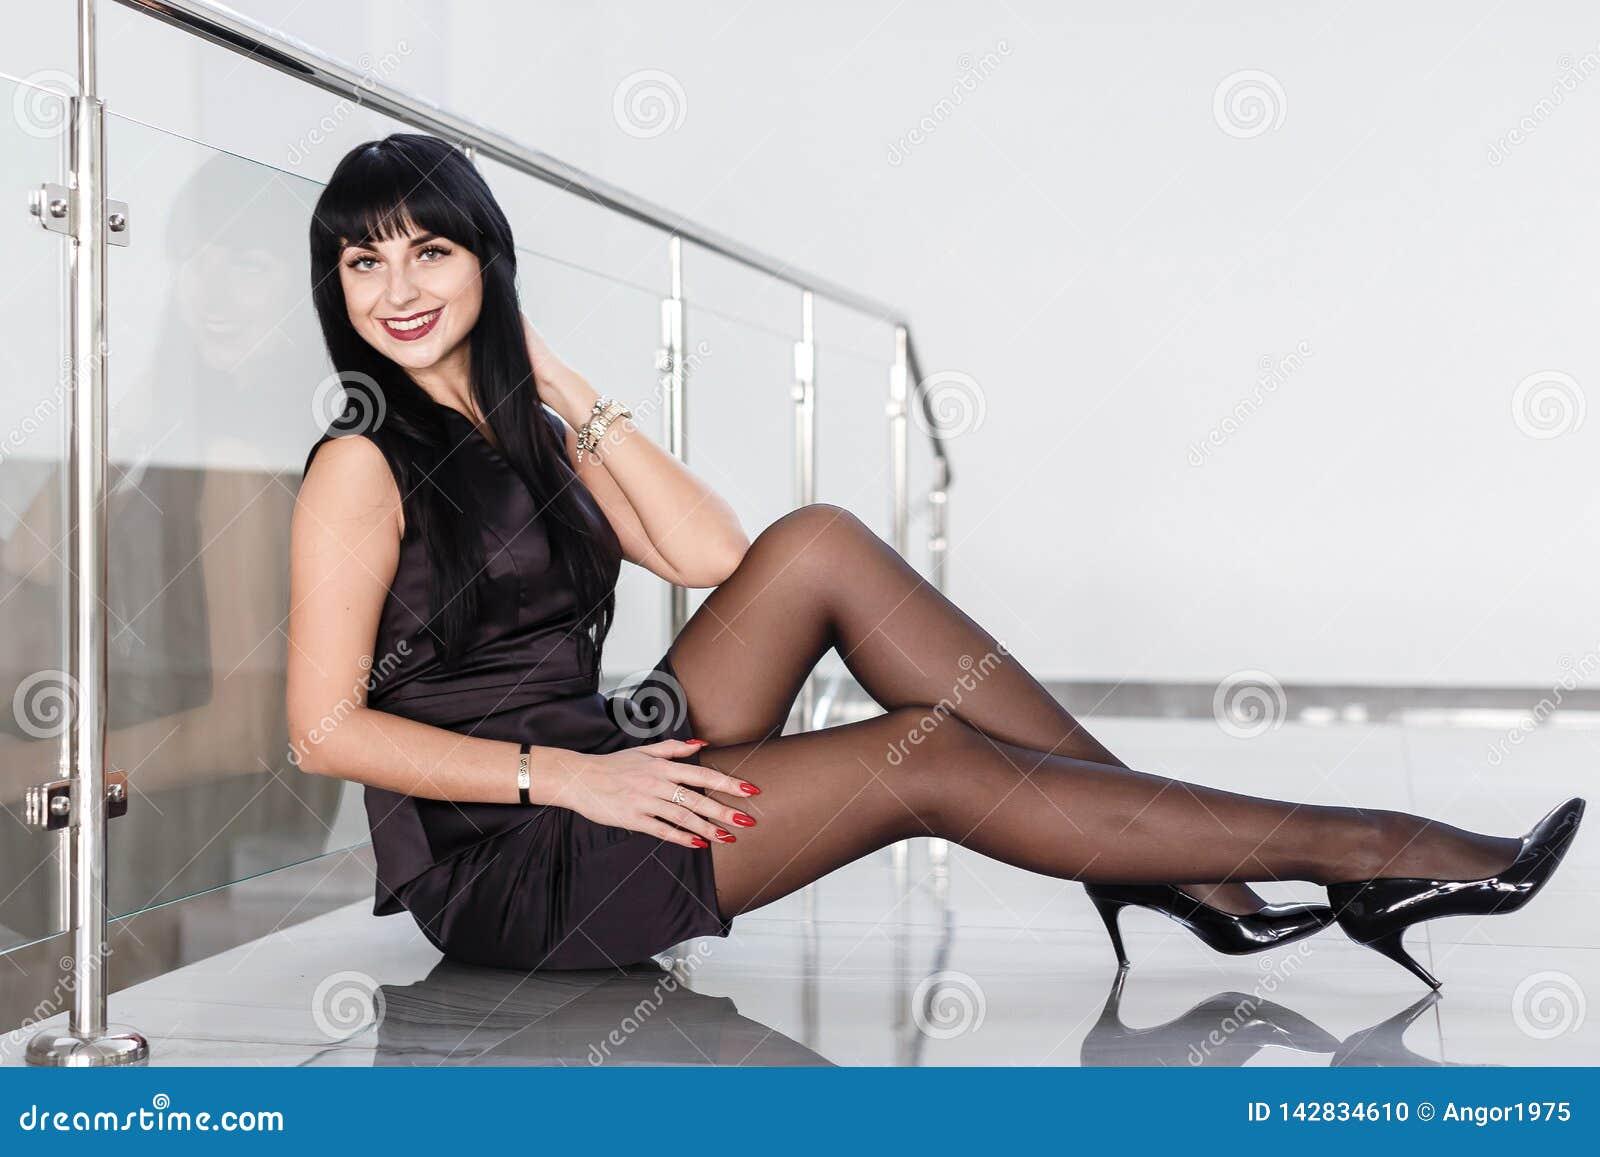 η όμορφη νέα γυναίκα που ντύνεται σε ένα μαύρο επιχειρησιακό κοστούμι με μια κοντή φούστα κάθεται σε ένα πάτωμα σε ένα άσπρο γραφ